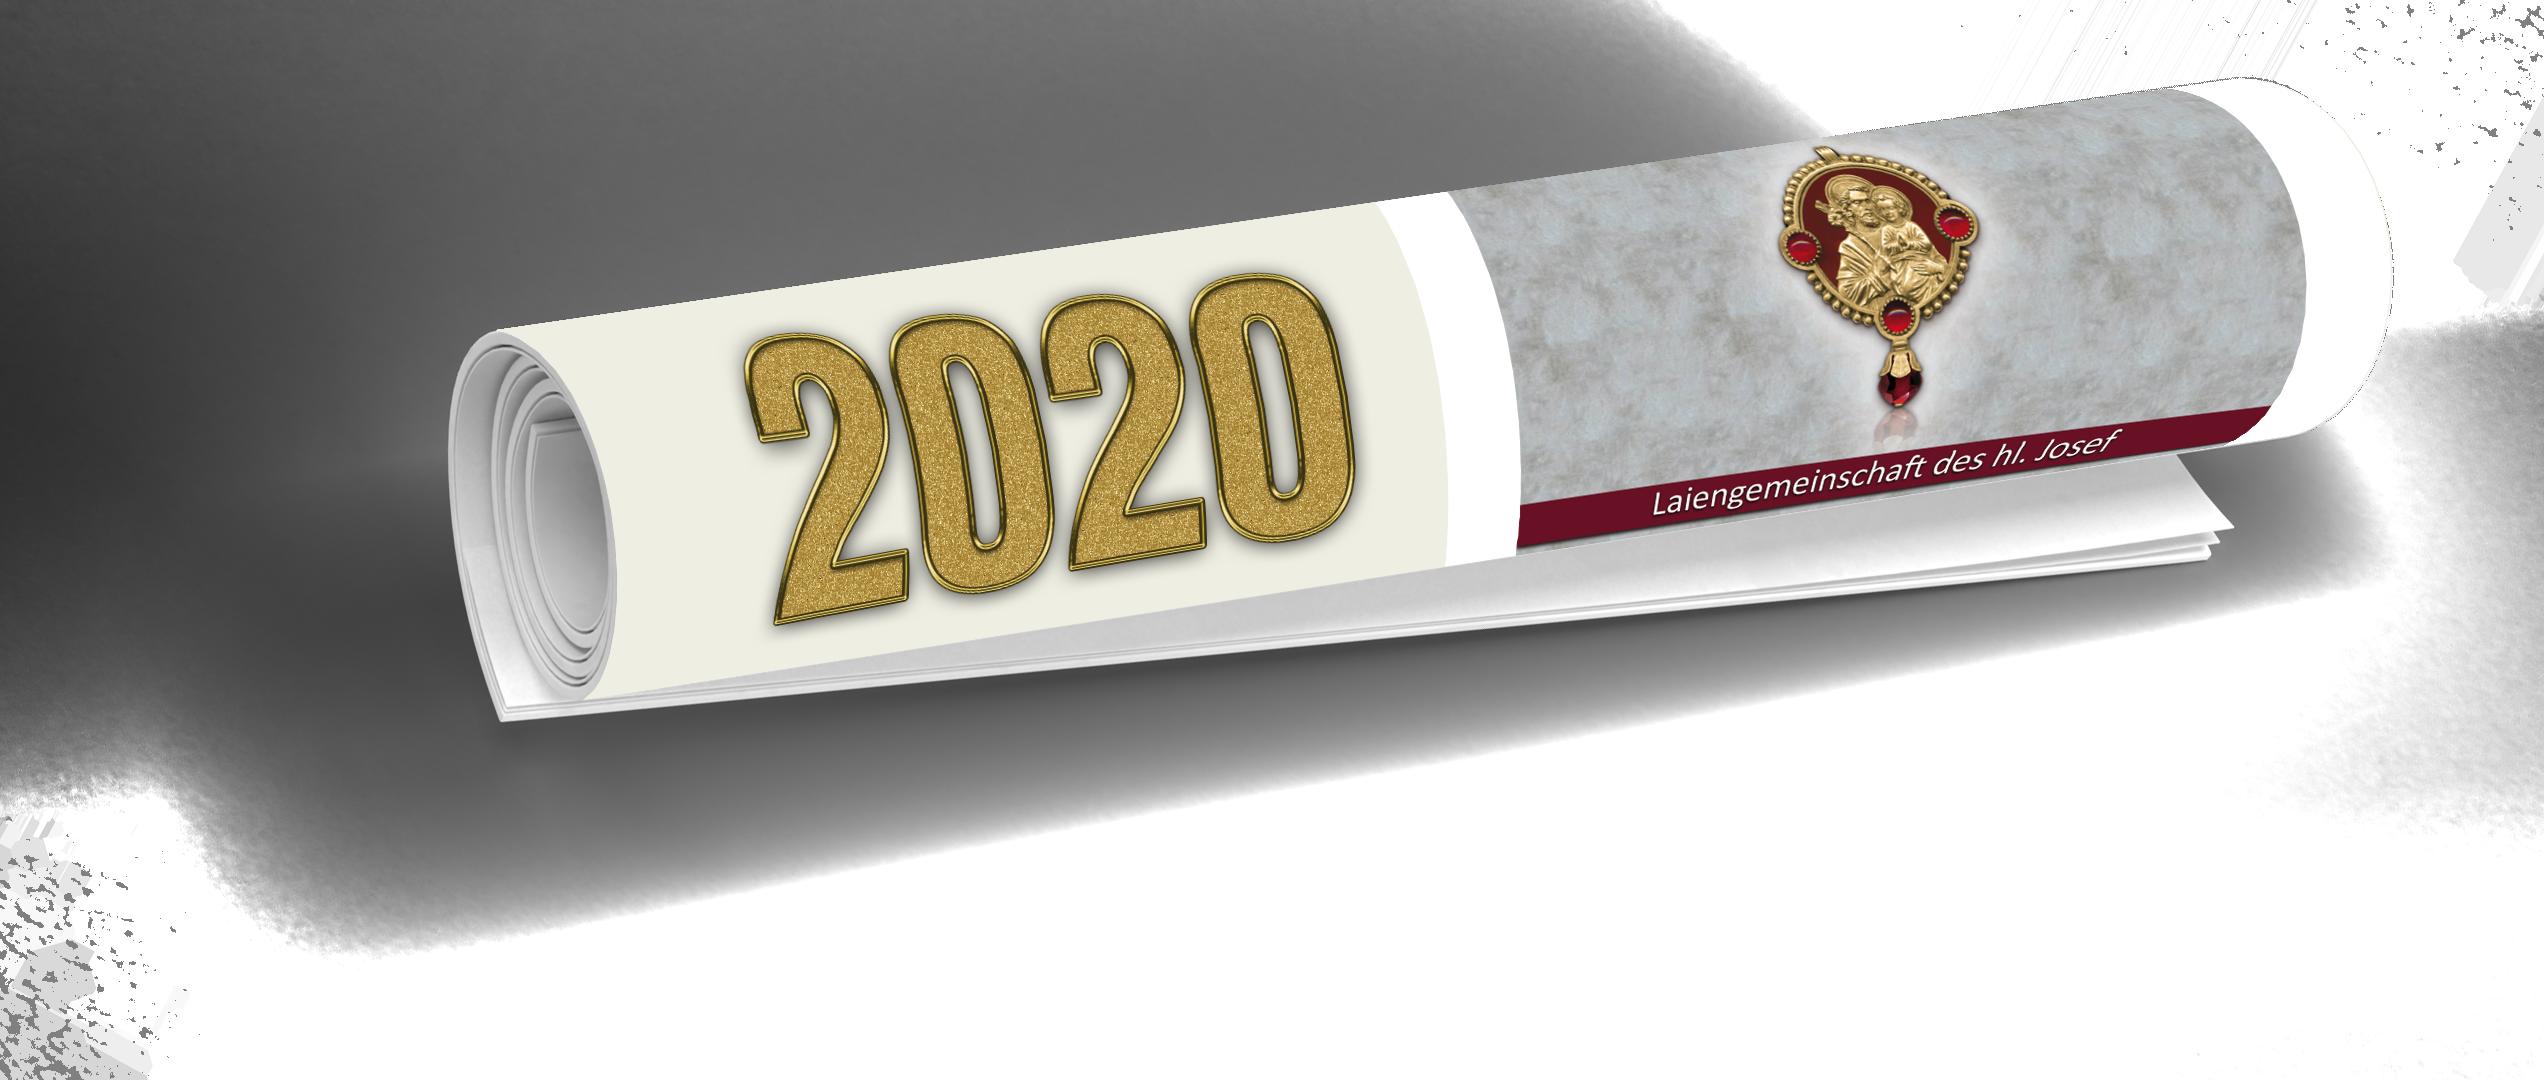 LGS-de-2020